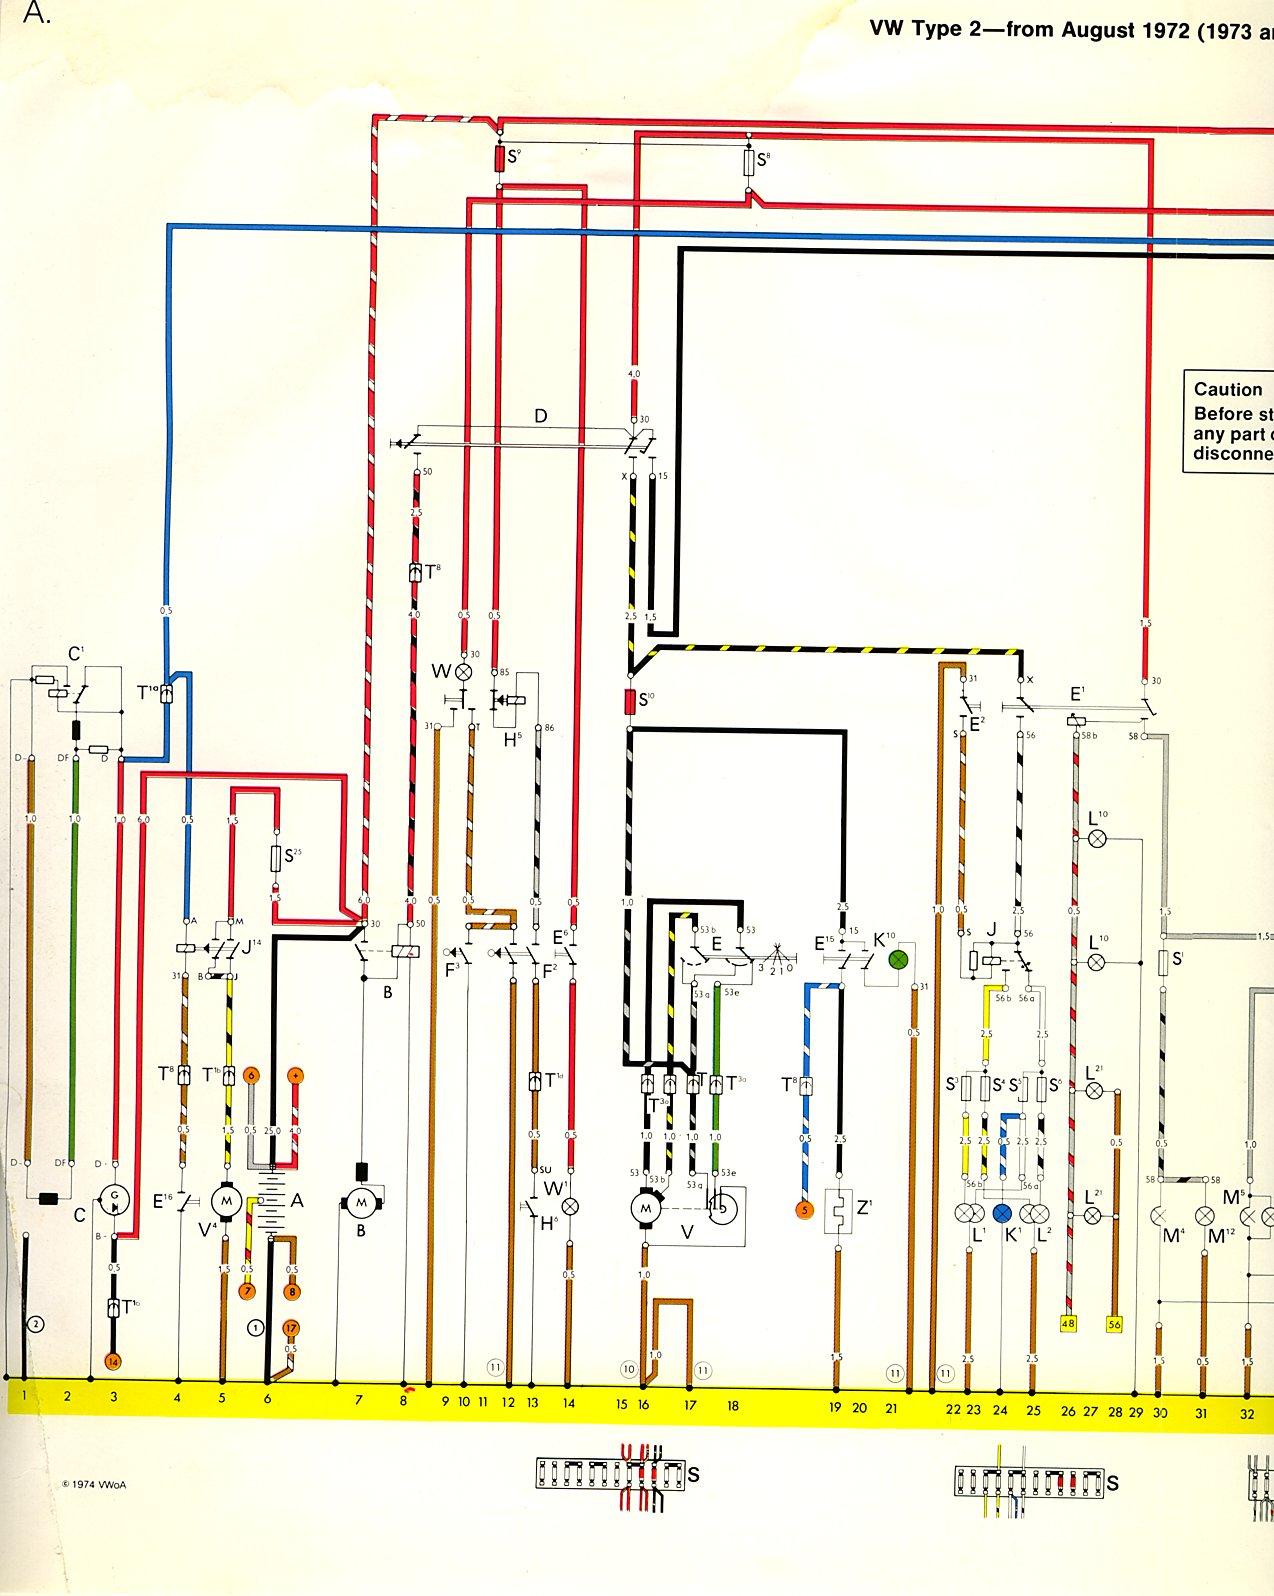 1976 Corvette Engine Compartment Diagram 1973 74 Bus Wiring Diagram Thegoldenbug Com